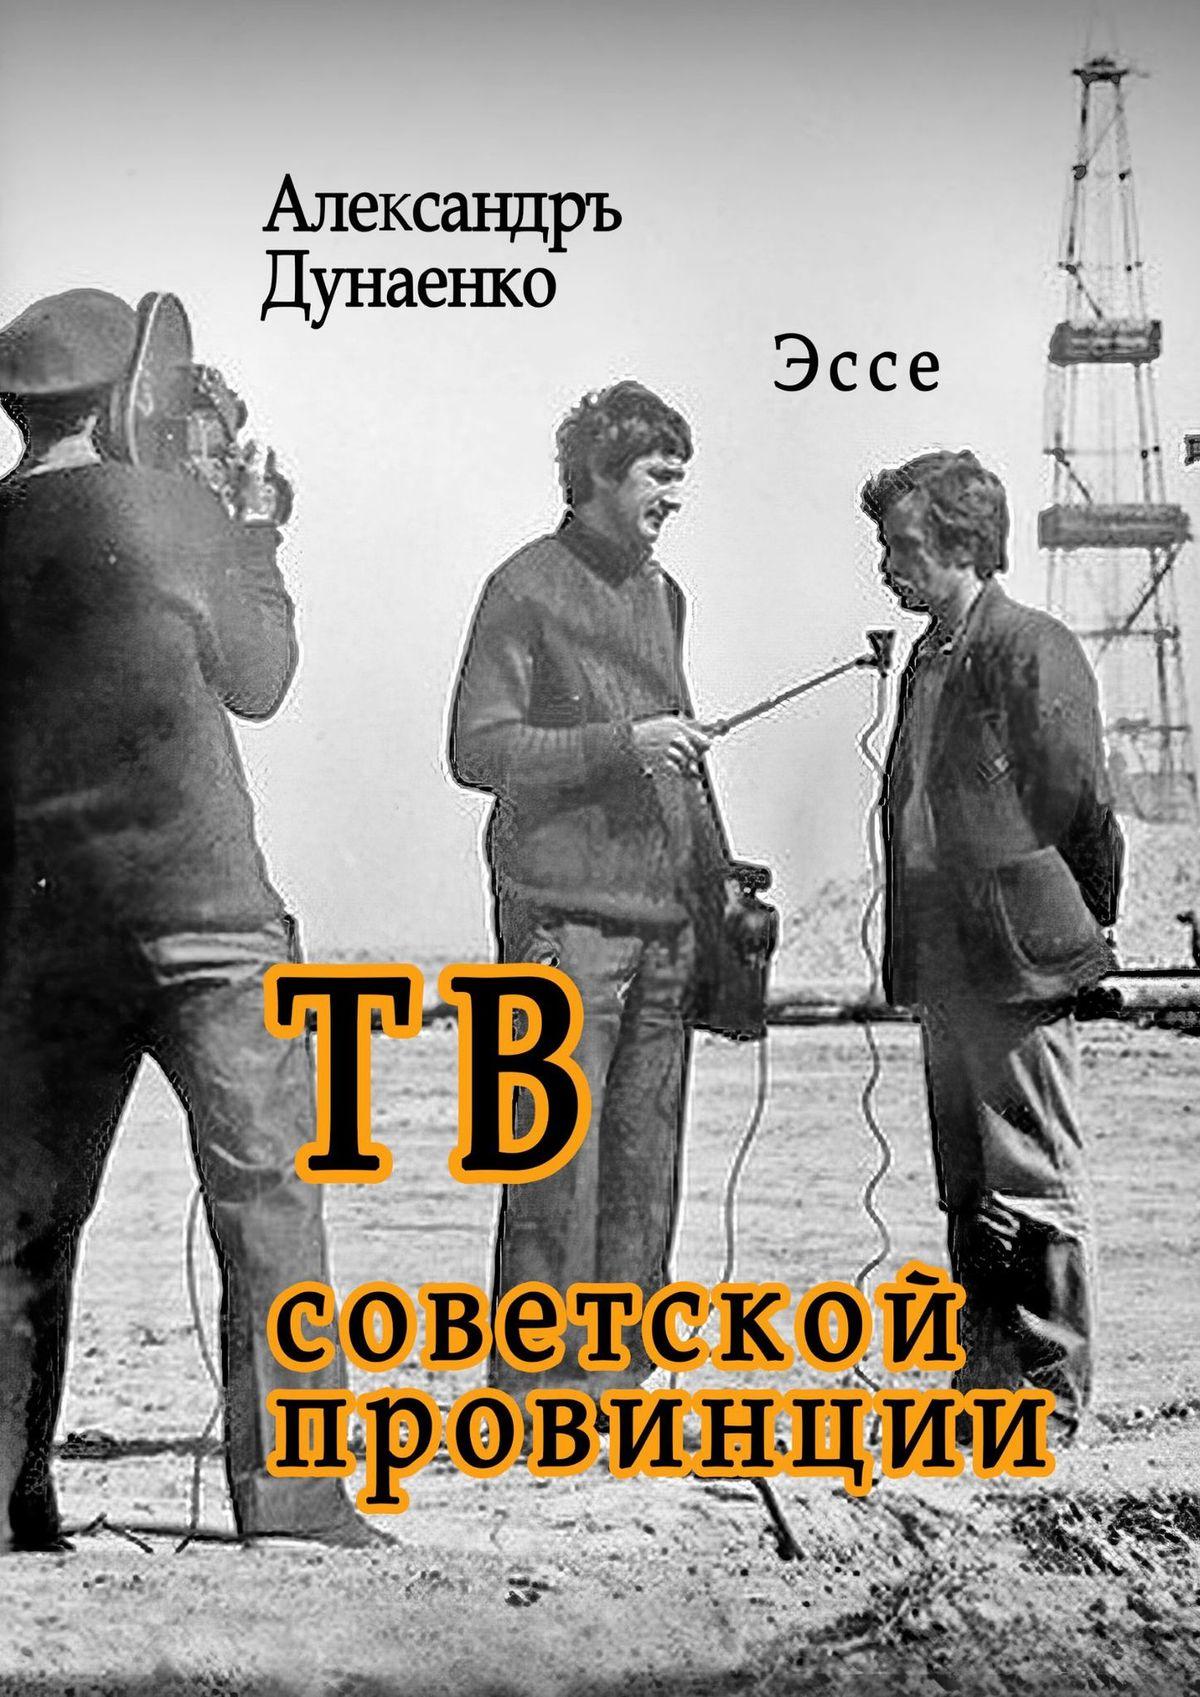 ТВ советской провинции. Эссе